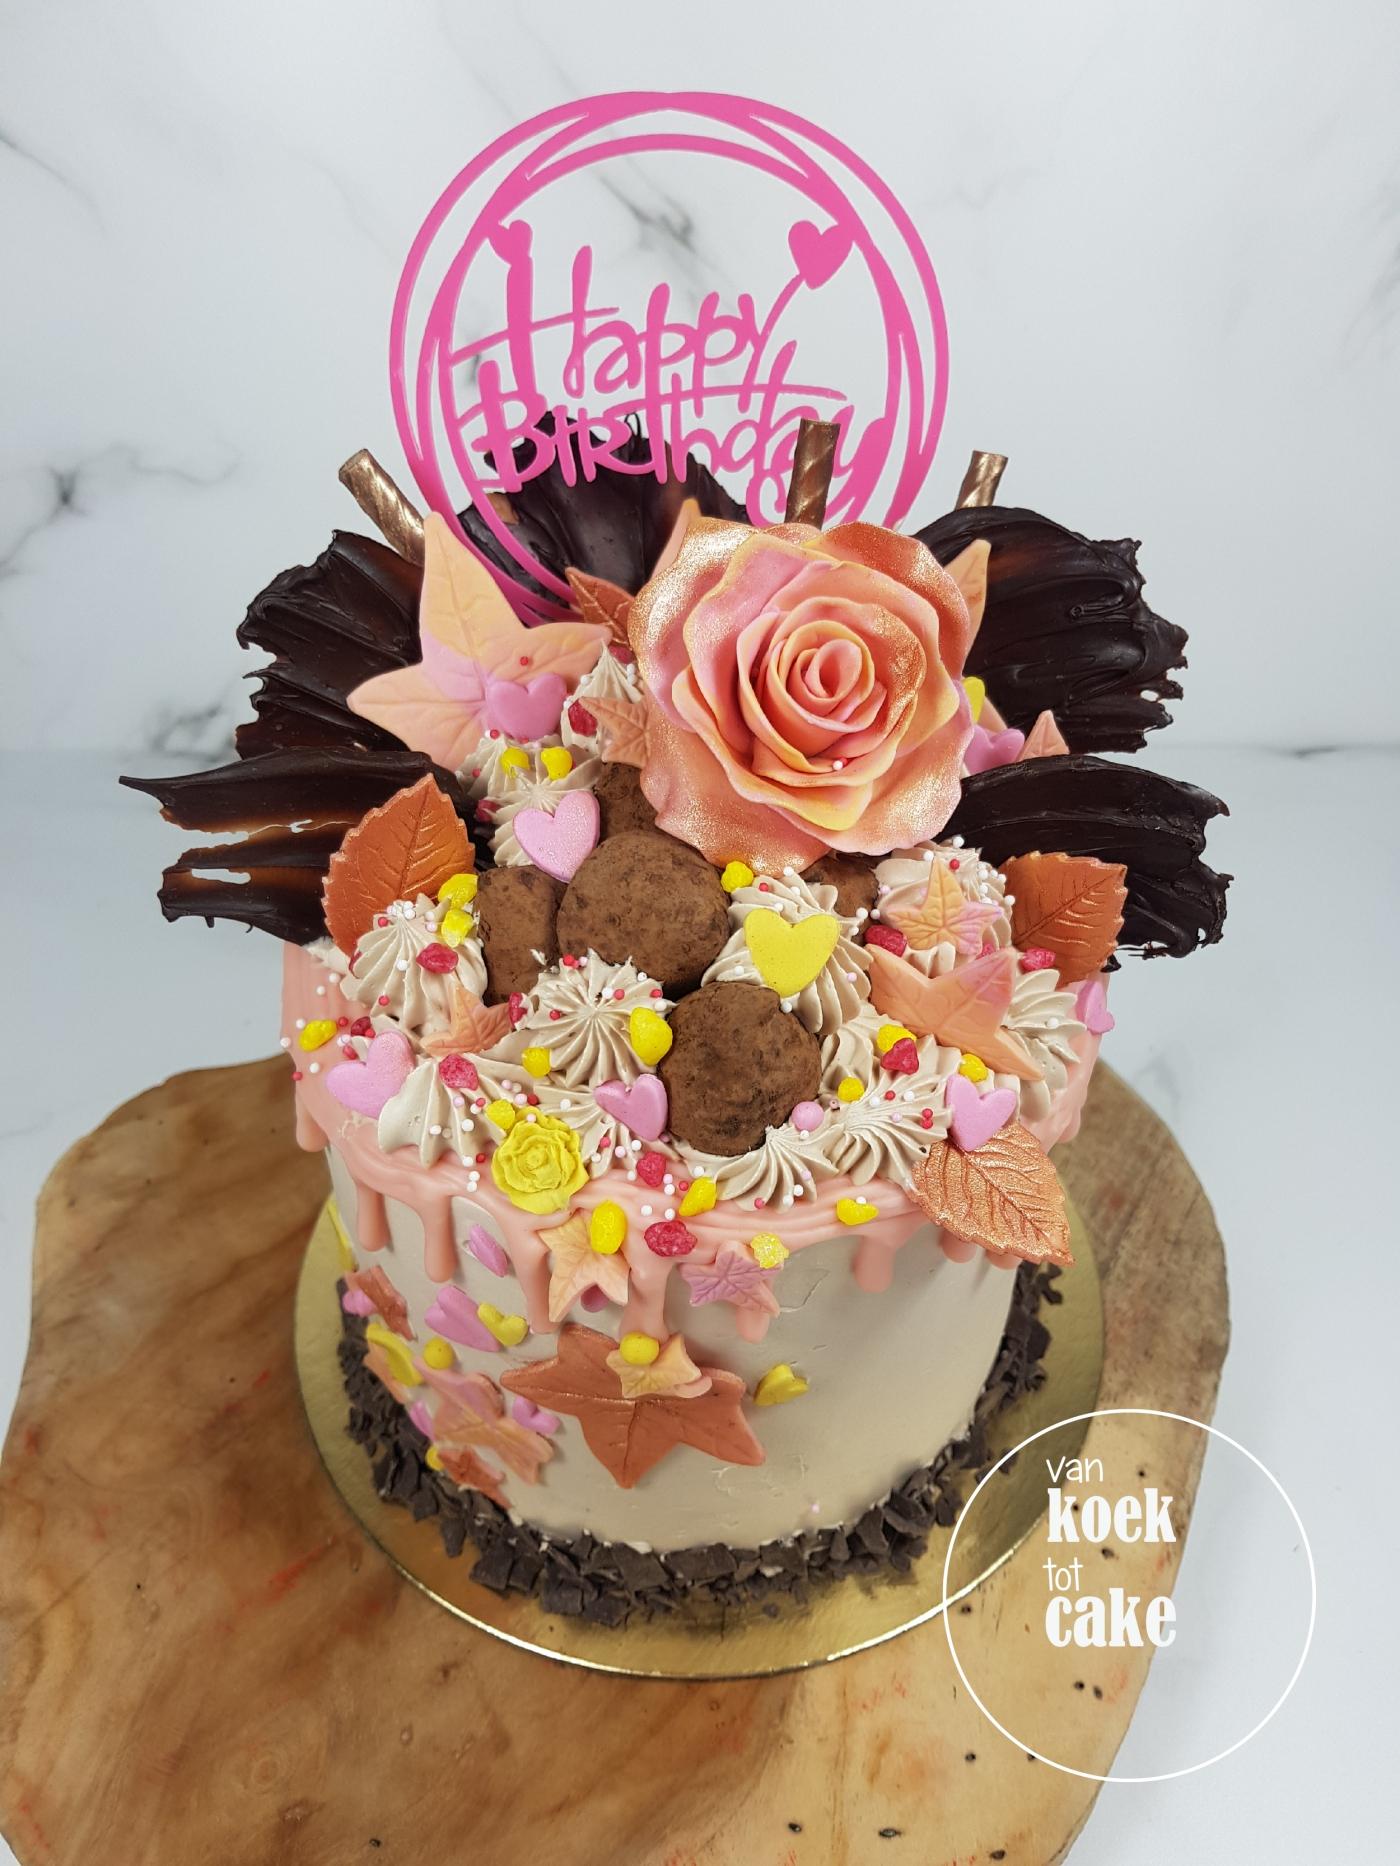 Verjaardagstaart rosé gold geel en roze - bestellen Vlissingen Middelburg Oost-Souburg